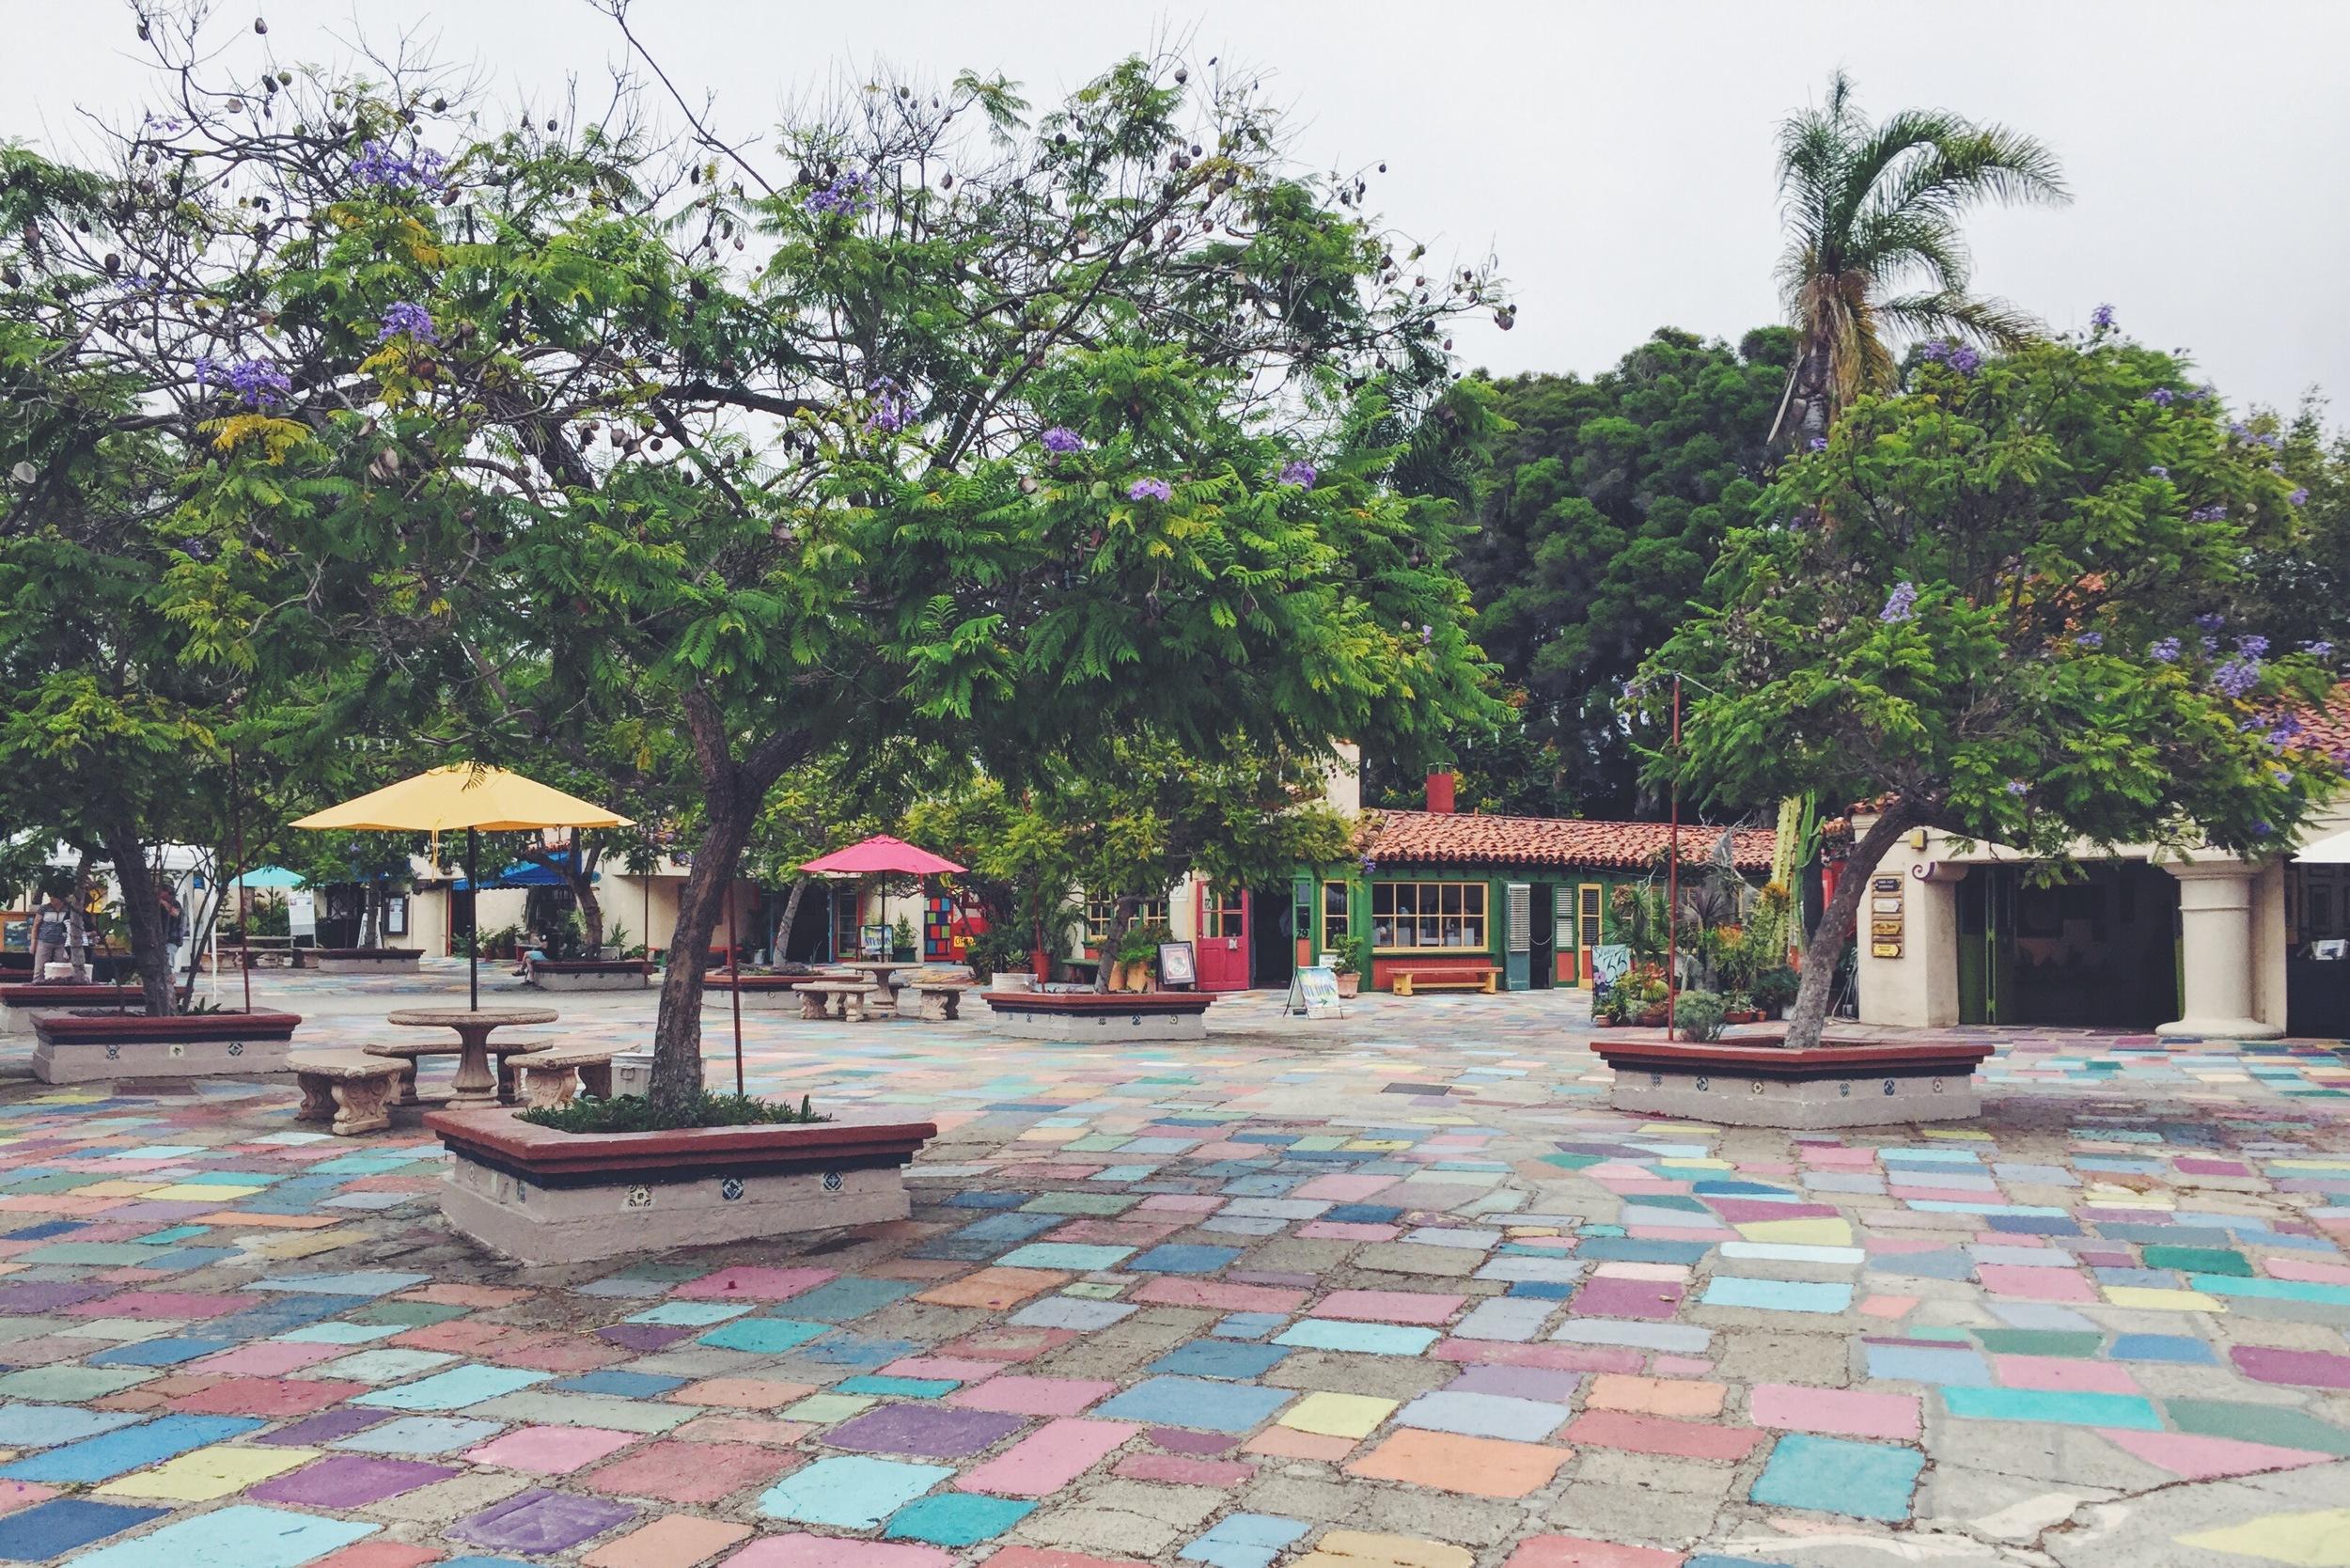 Spanish Village Art Center. Inspirado en un típico pueblo español